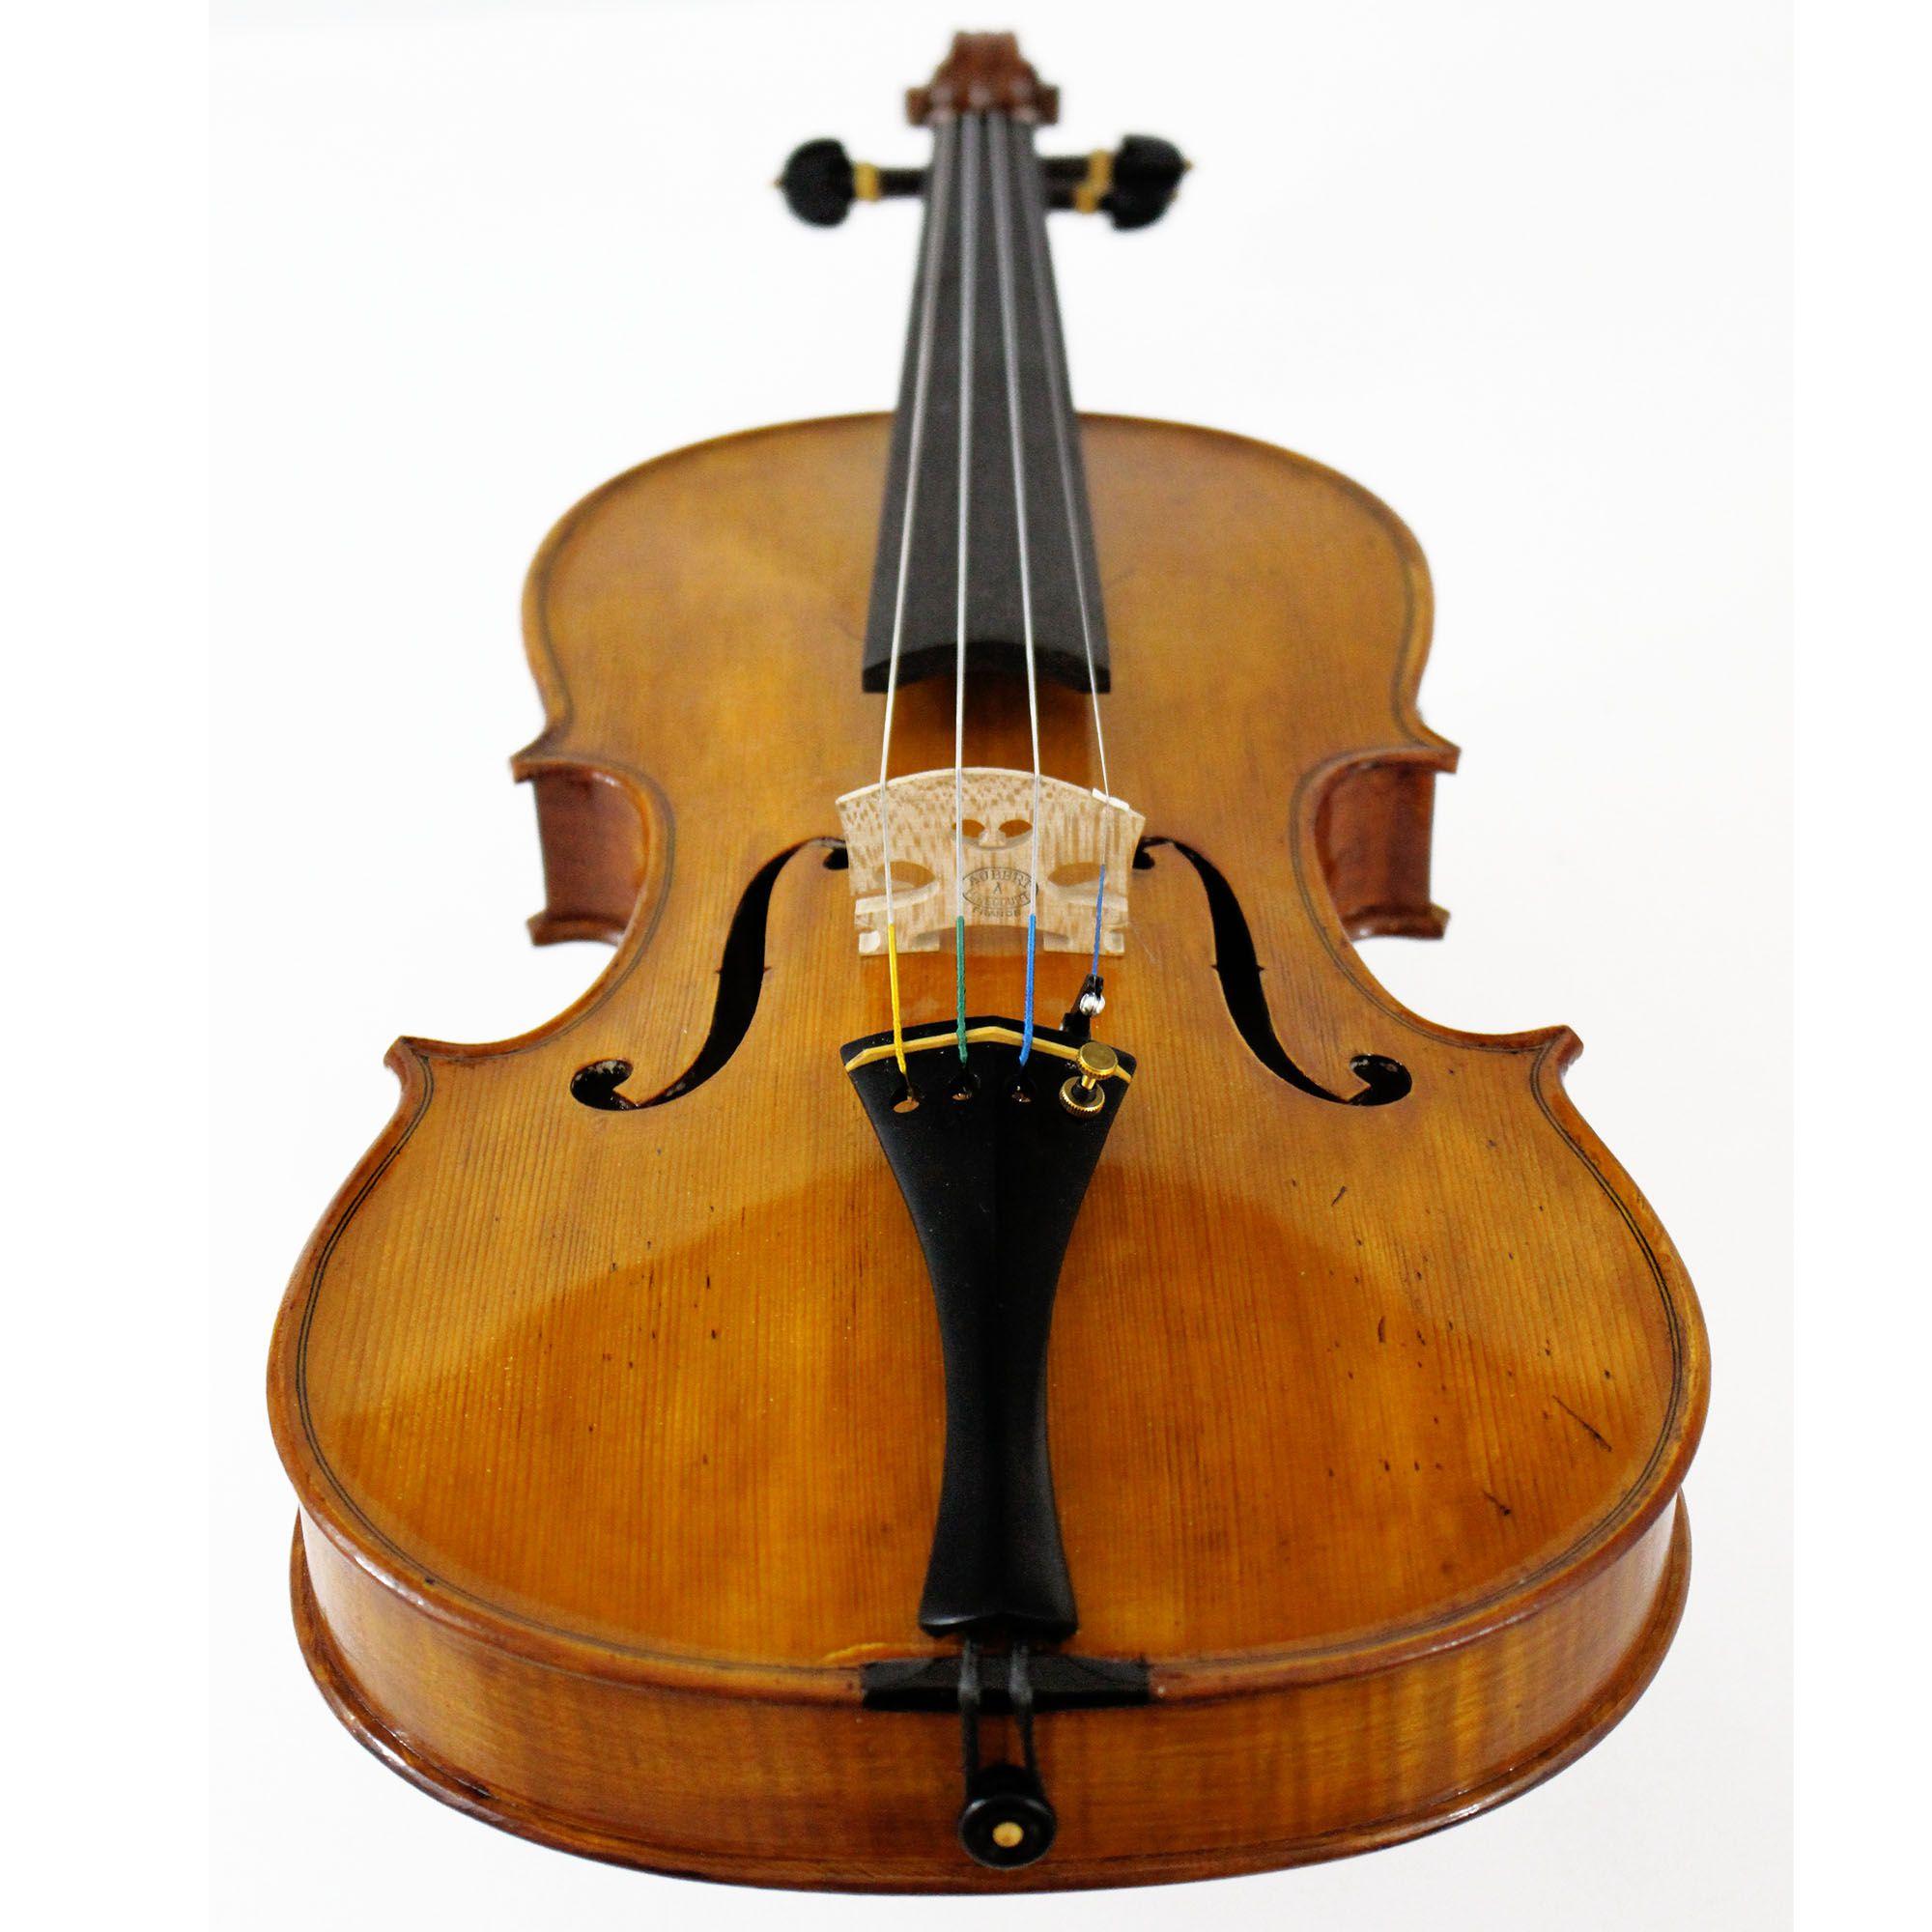 Violino feito à mão modelo strad 4/4 verniz goma laca Natural envelhecido